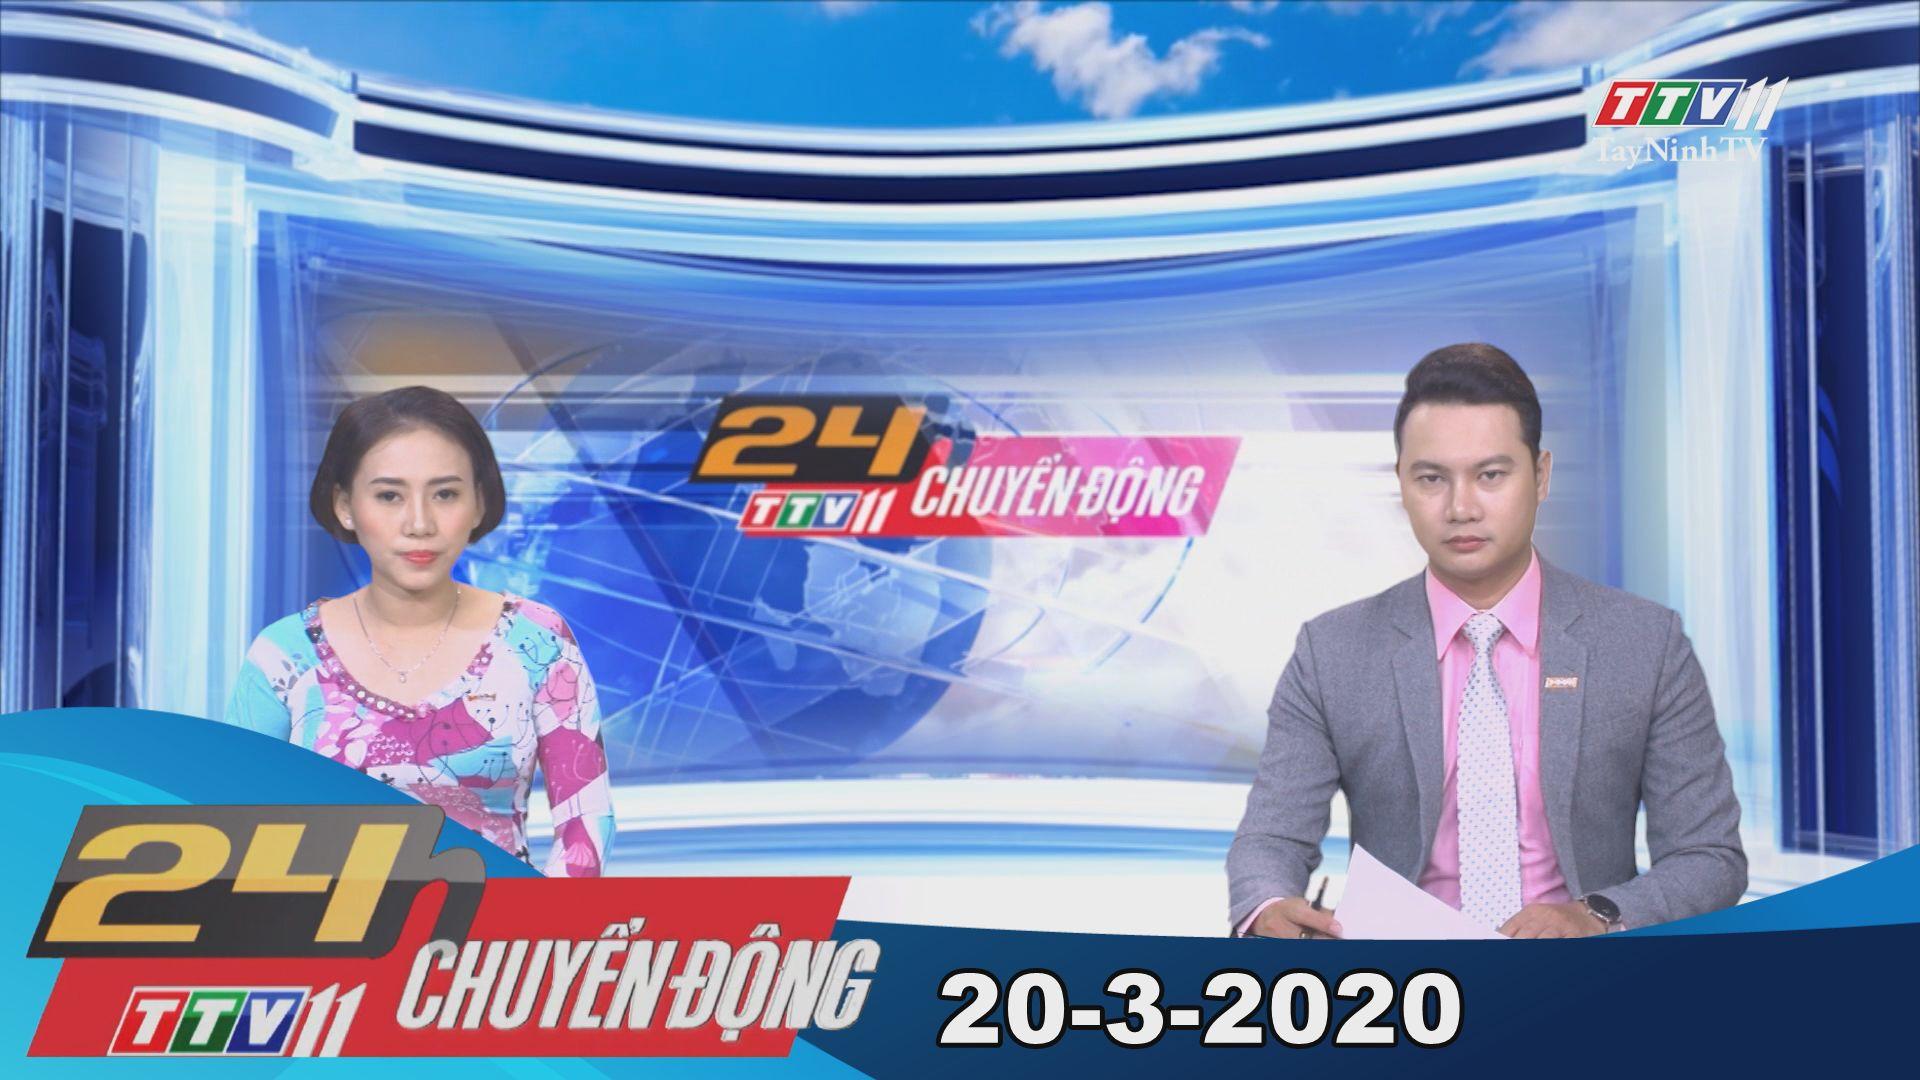 24h Chuyển động 20-3-2020 | Tin tức hôm nay | TayNinhTV